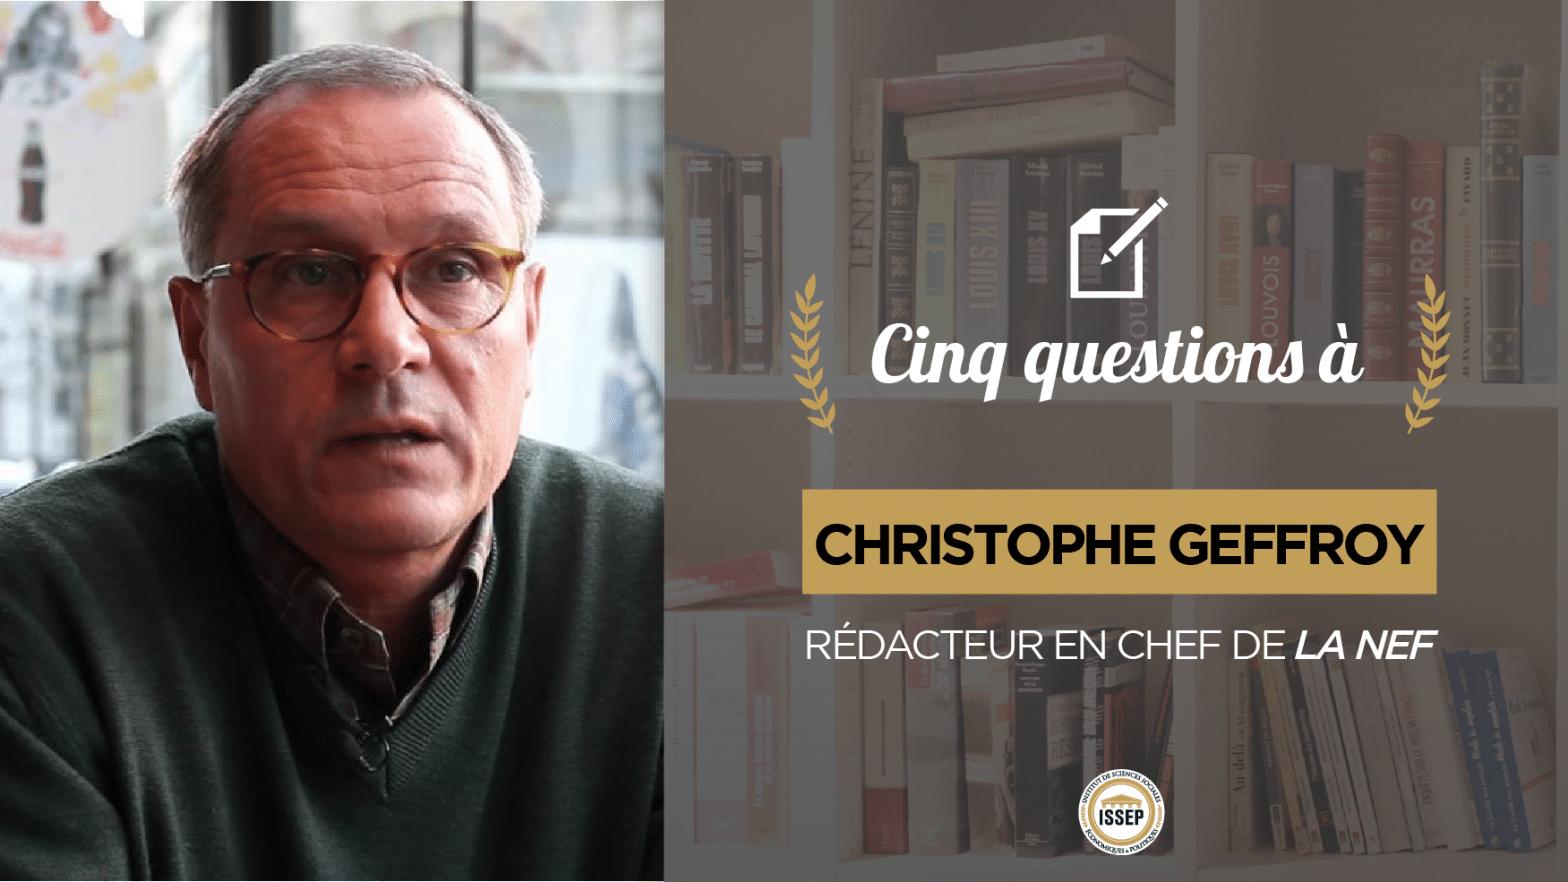 Cinq questions à Christophe Geffroy, rédacteur en chef de La Nef,par Olympe et Cyprien, étudiants en Bac+4 à l'ISSEP